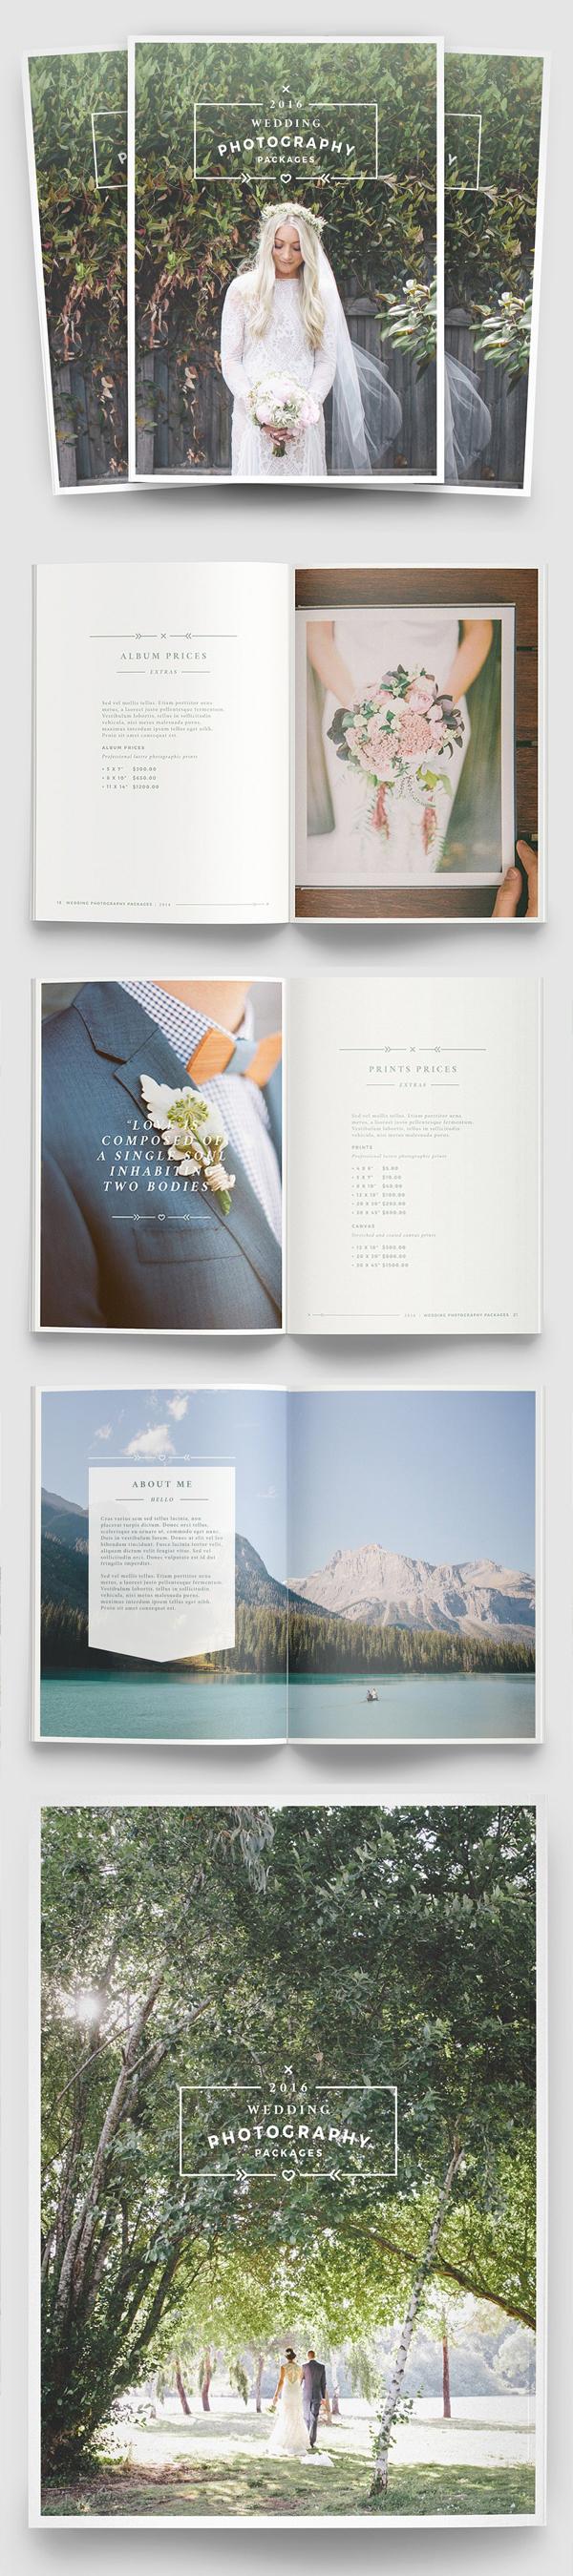 Wanderers Photography Brochure